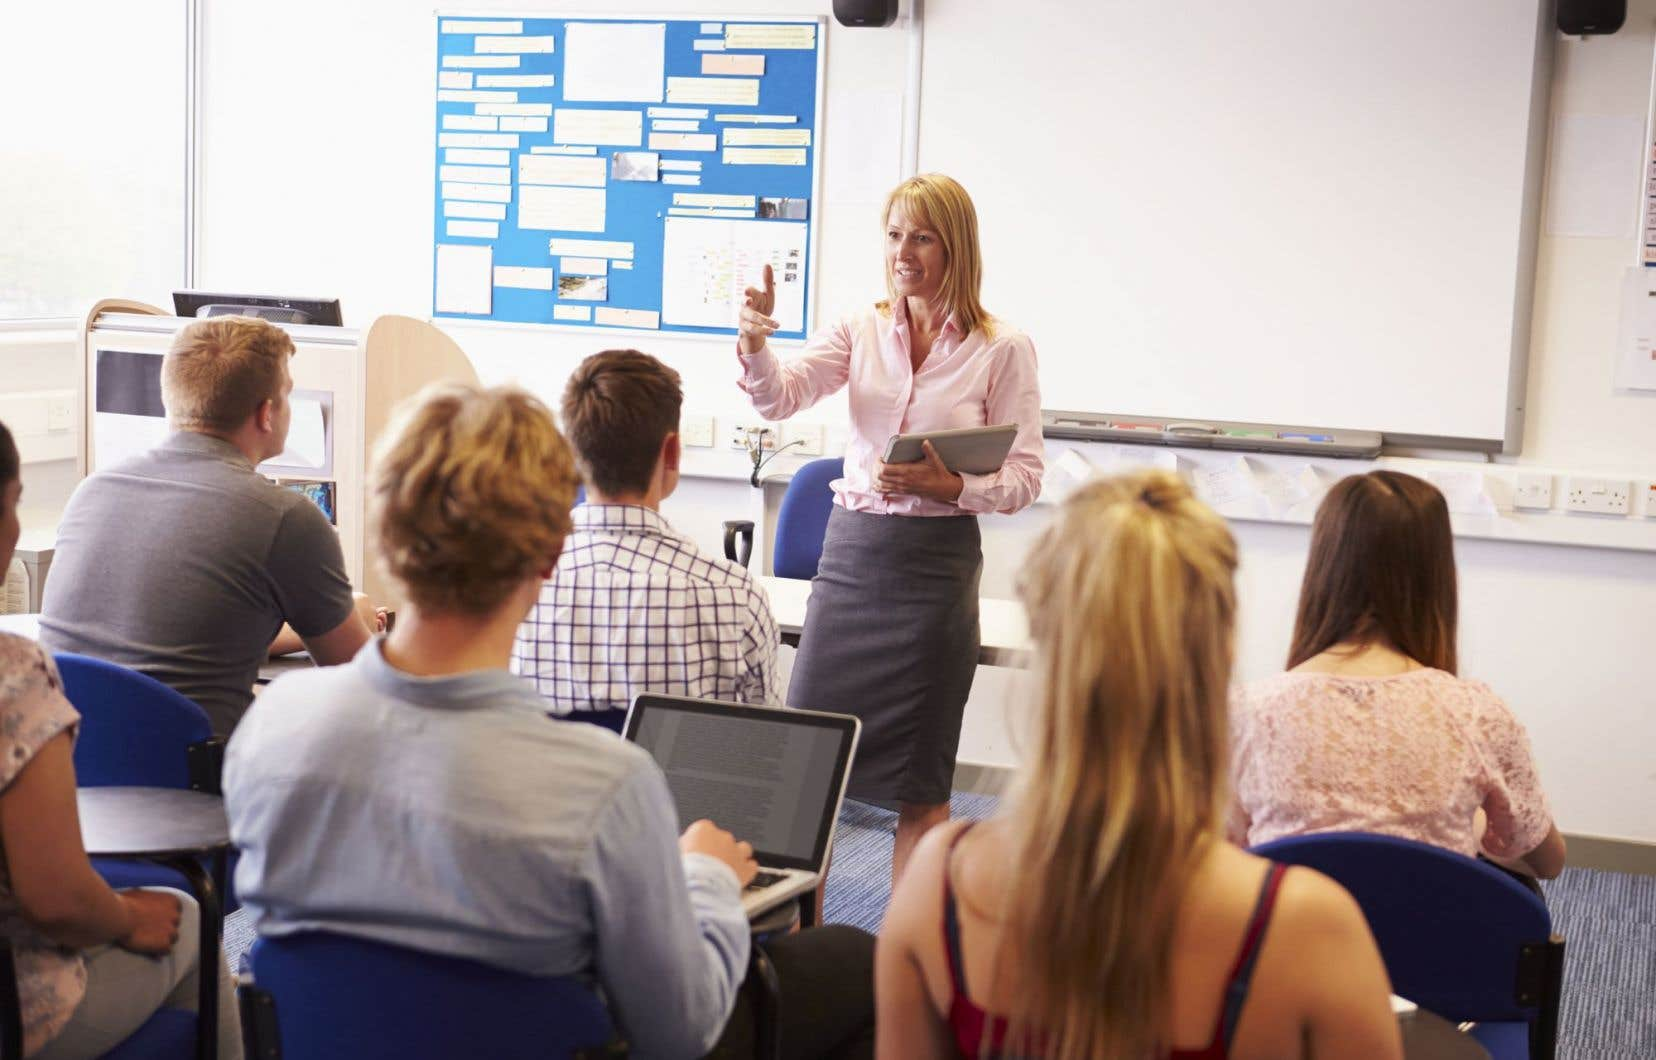 Entre2012 et2015, l'effectif professoral a diminué, chutant de9961 à9465 enseignants.